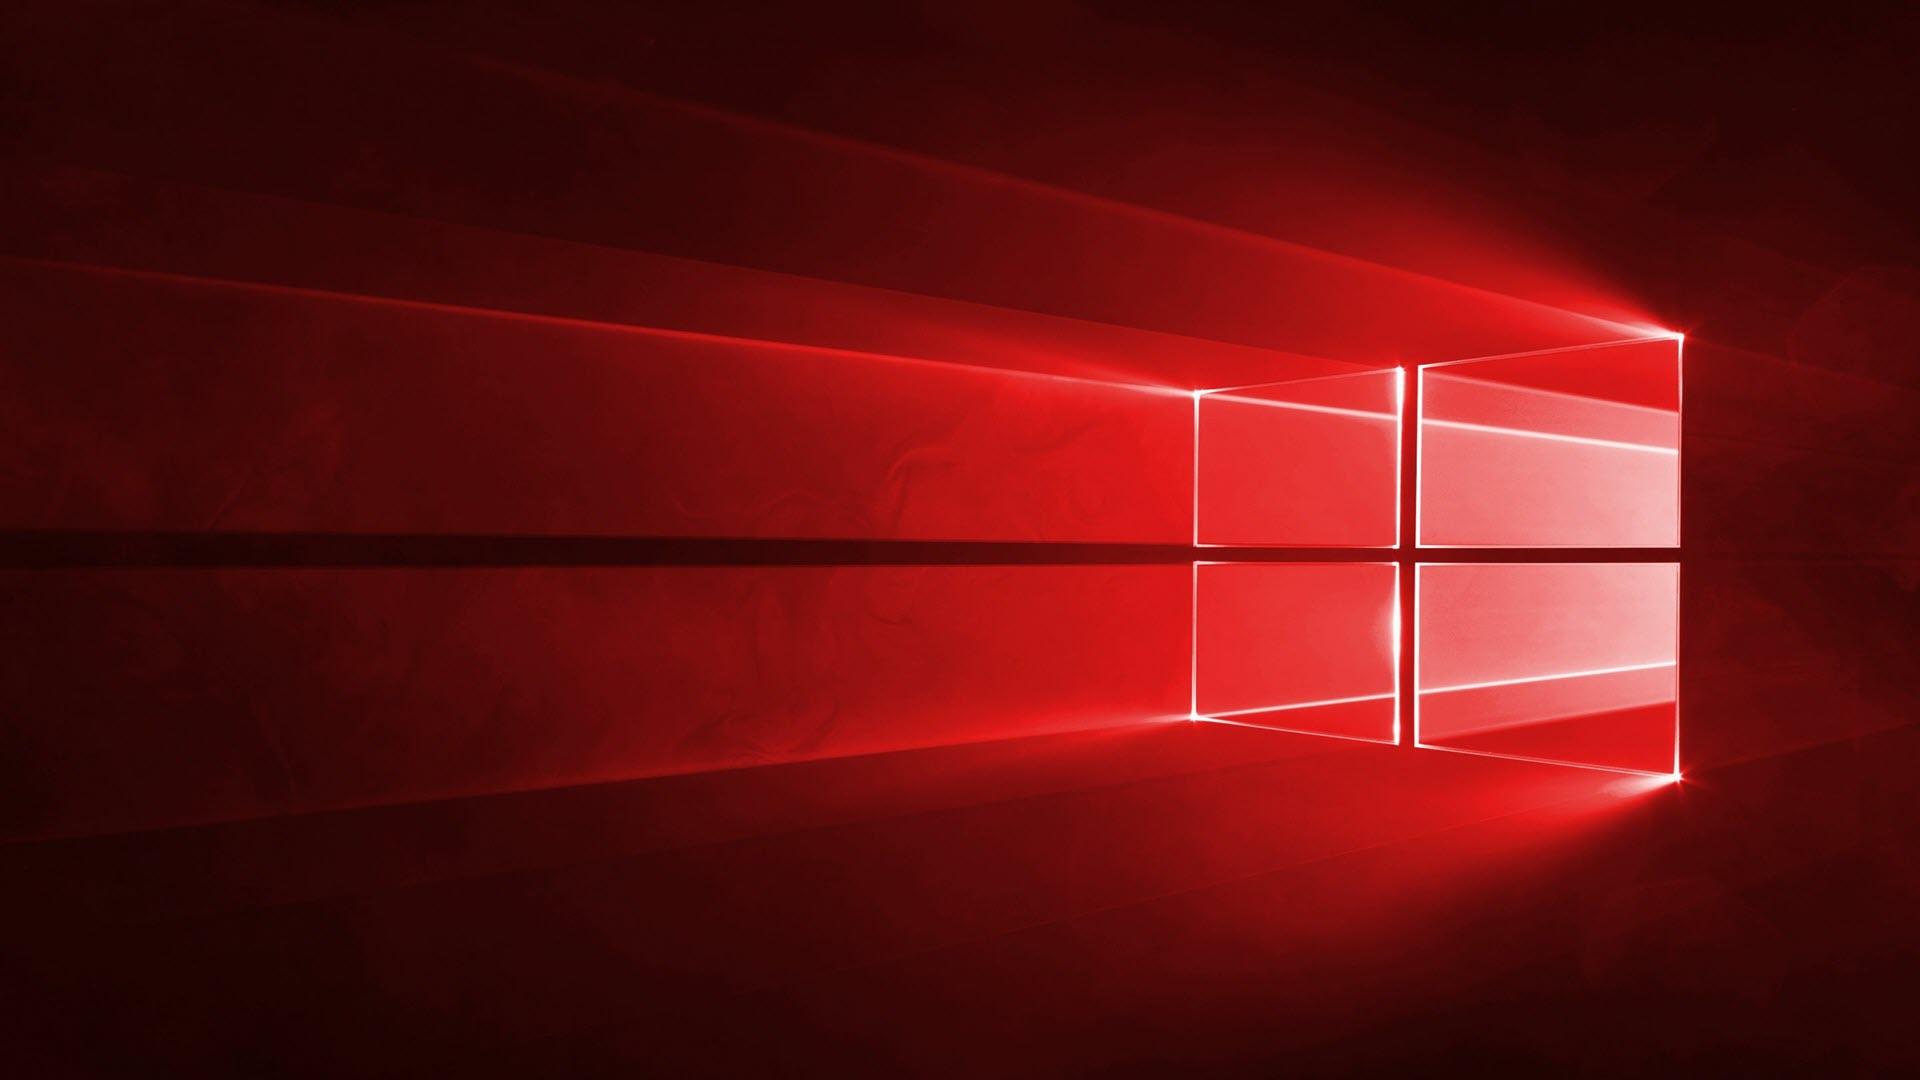 Hình nền máy tính Windows 10 màu đỏ